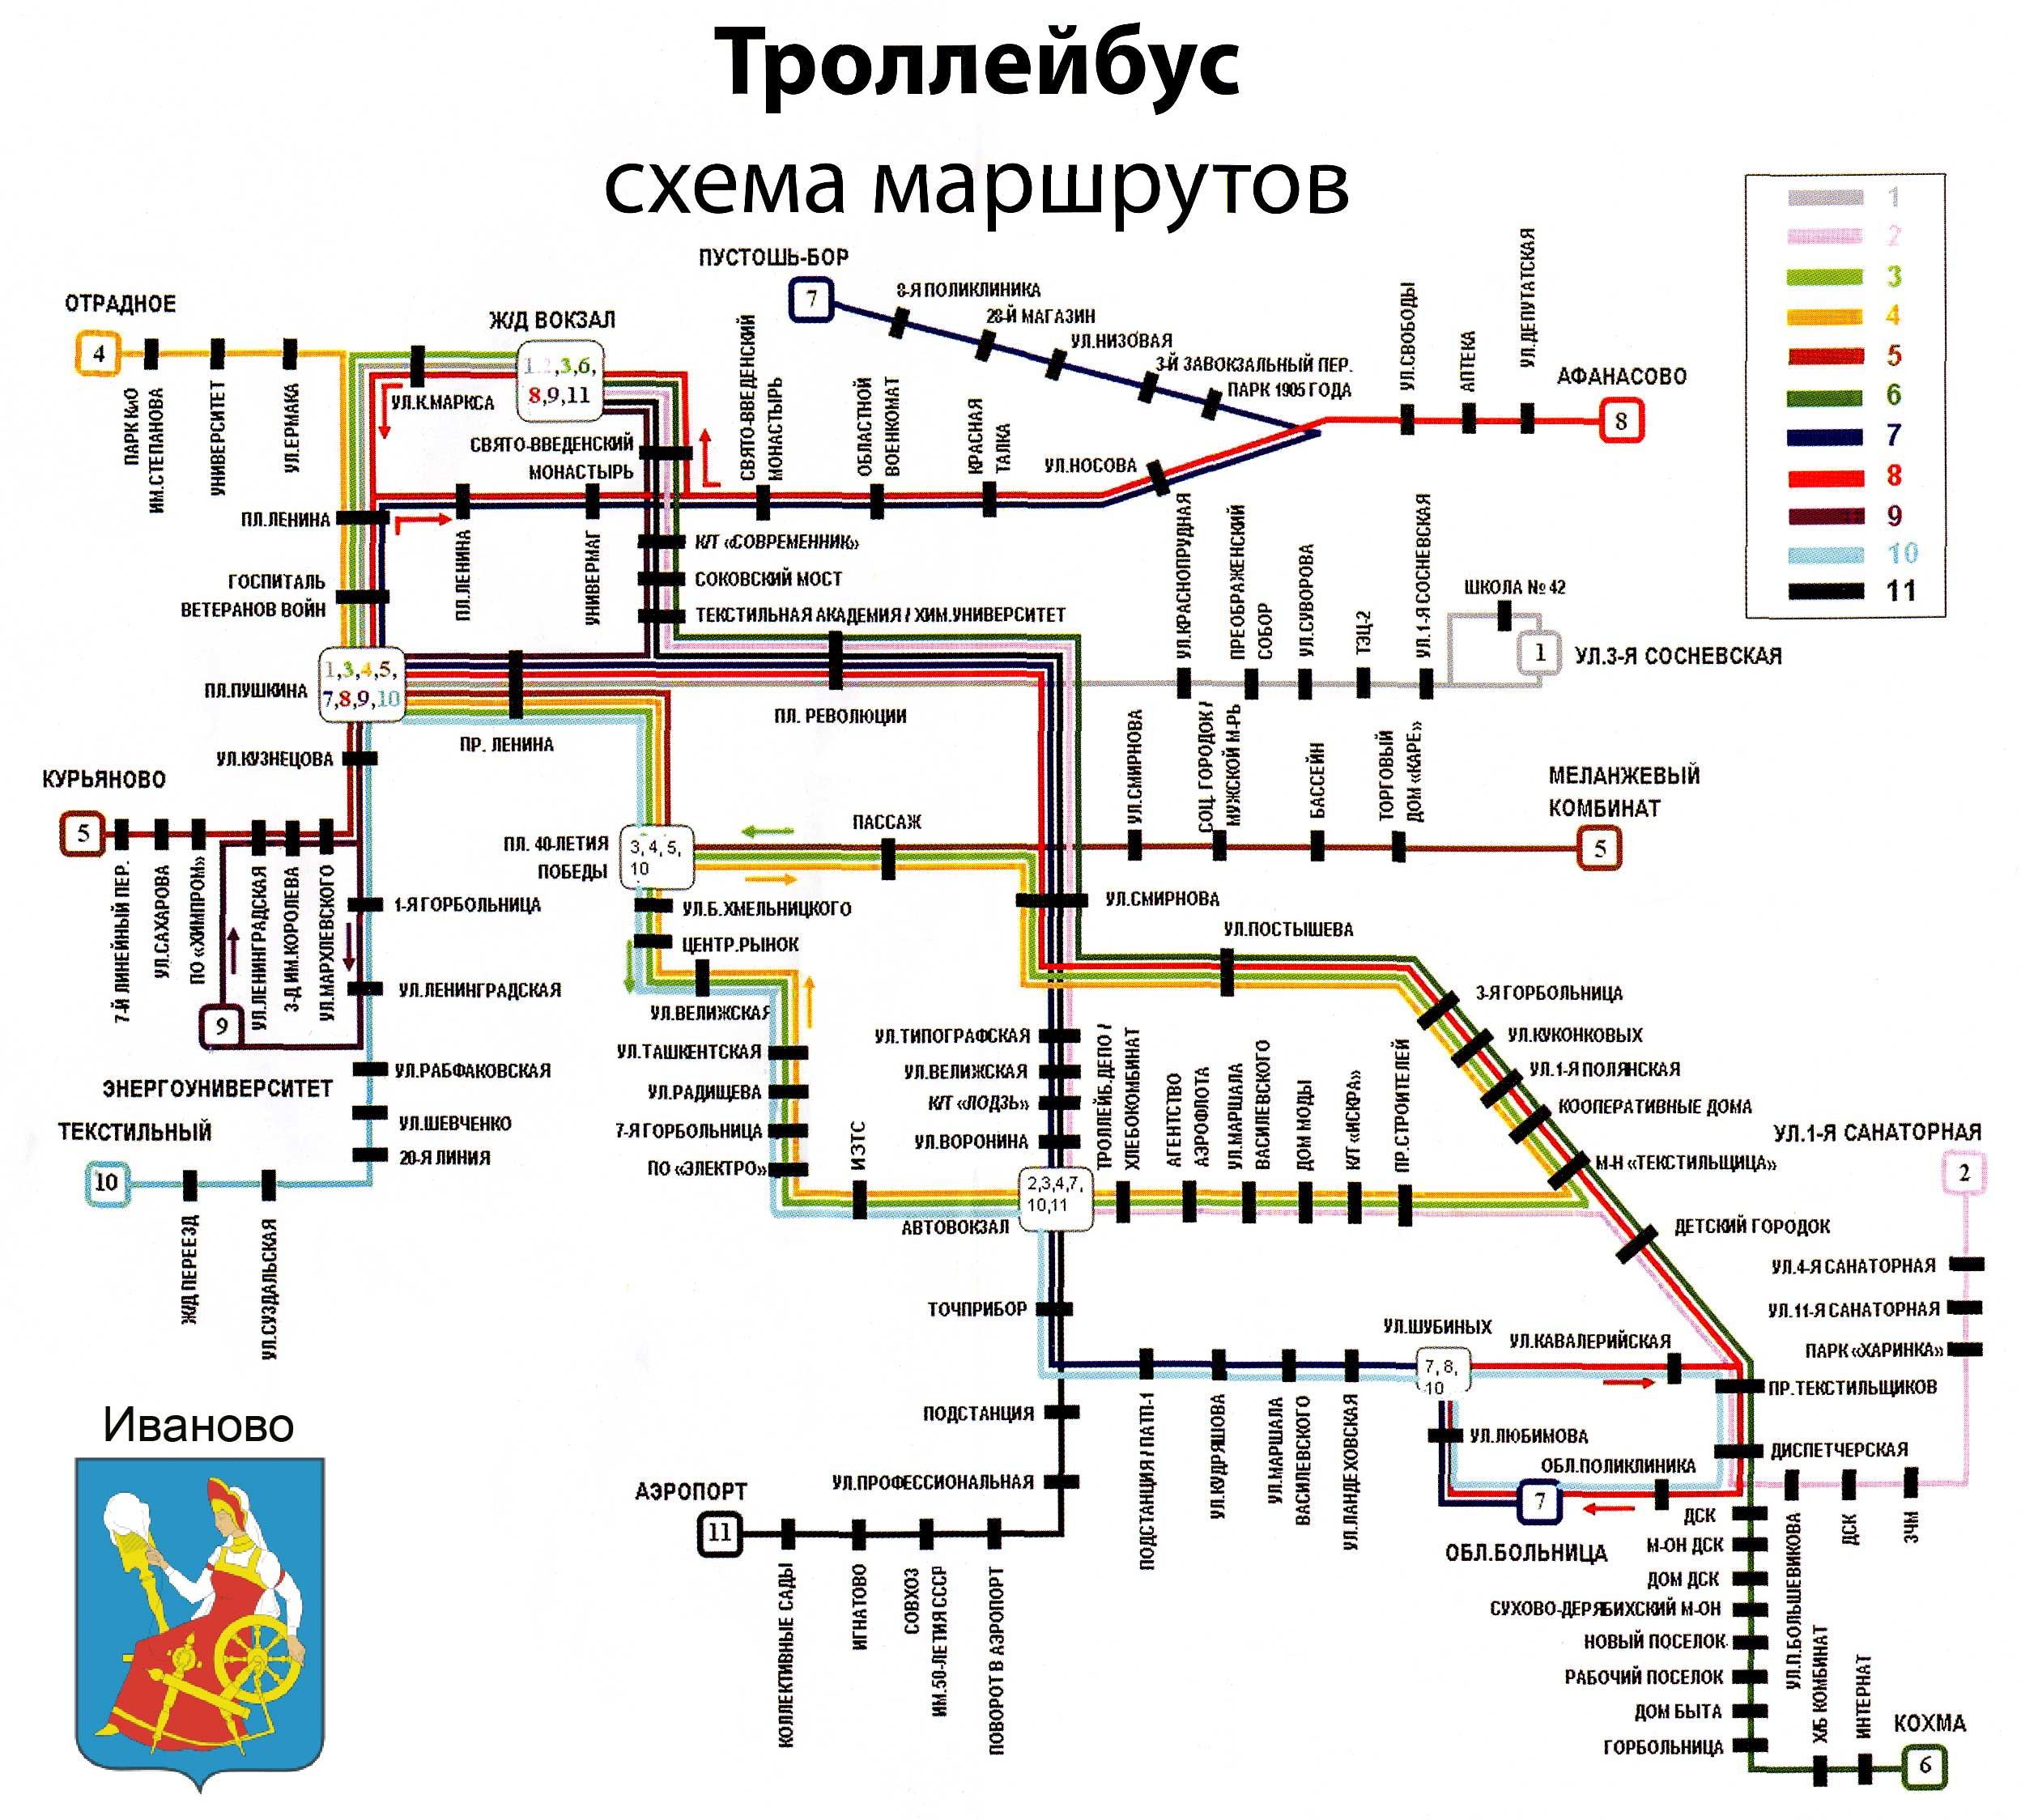 владивосток схема маршрутов по городу